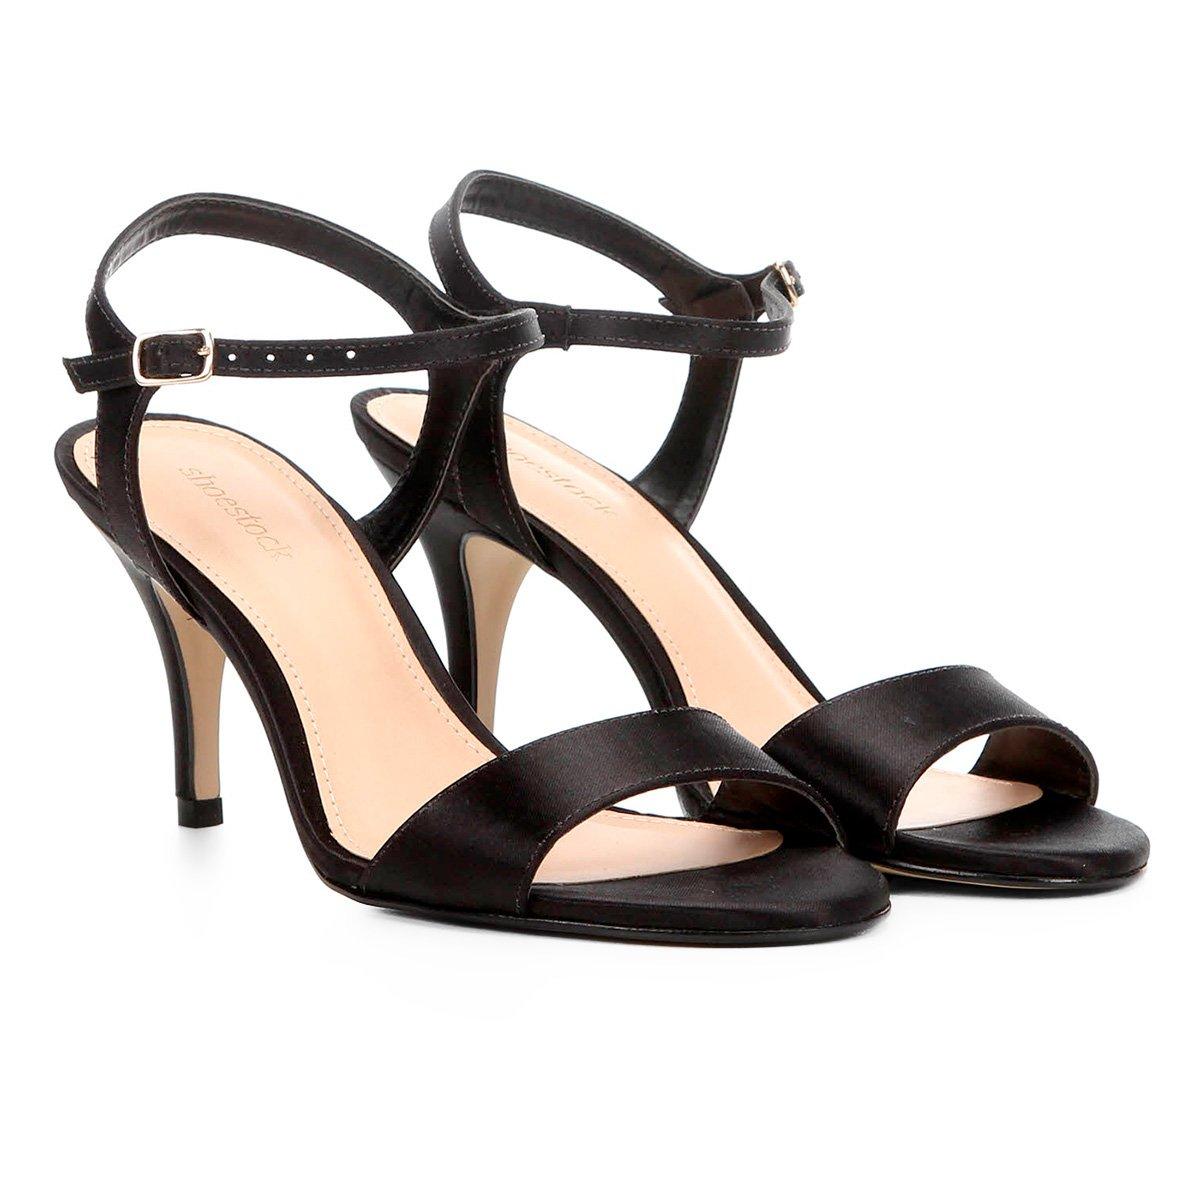 205590da1e Sandália Shoestock Salto Fino Cetim Feminina